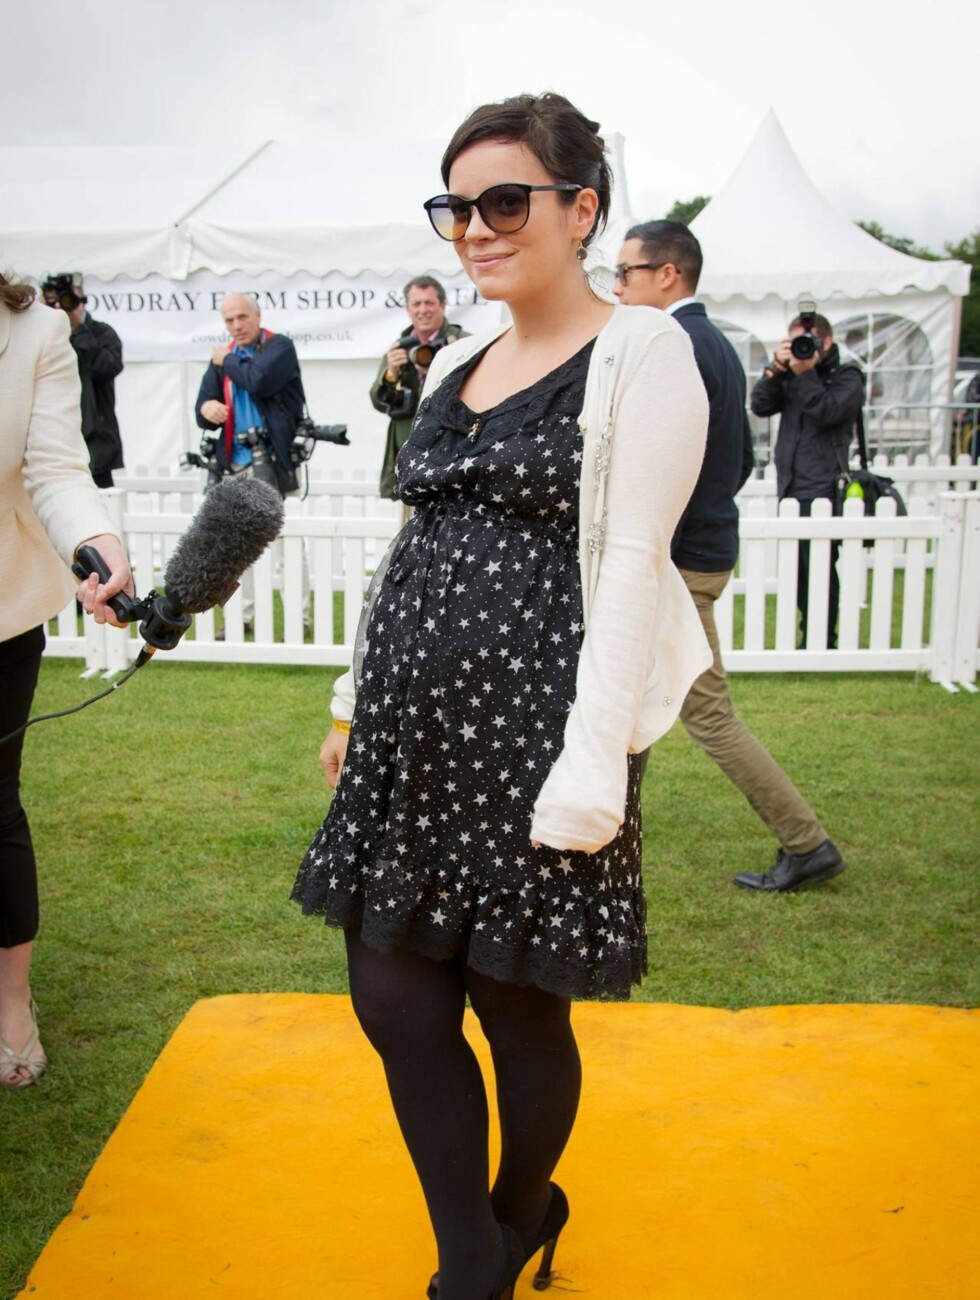 KLAR FOR BARN: Etter to dramatiske spontanaborter, ser Lily Allen nå fram til endelig å bli mamma. Foto: All Over Press